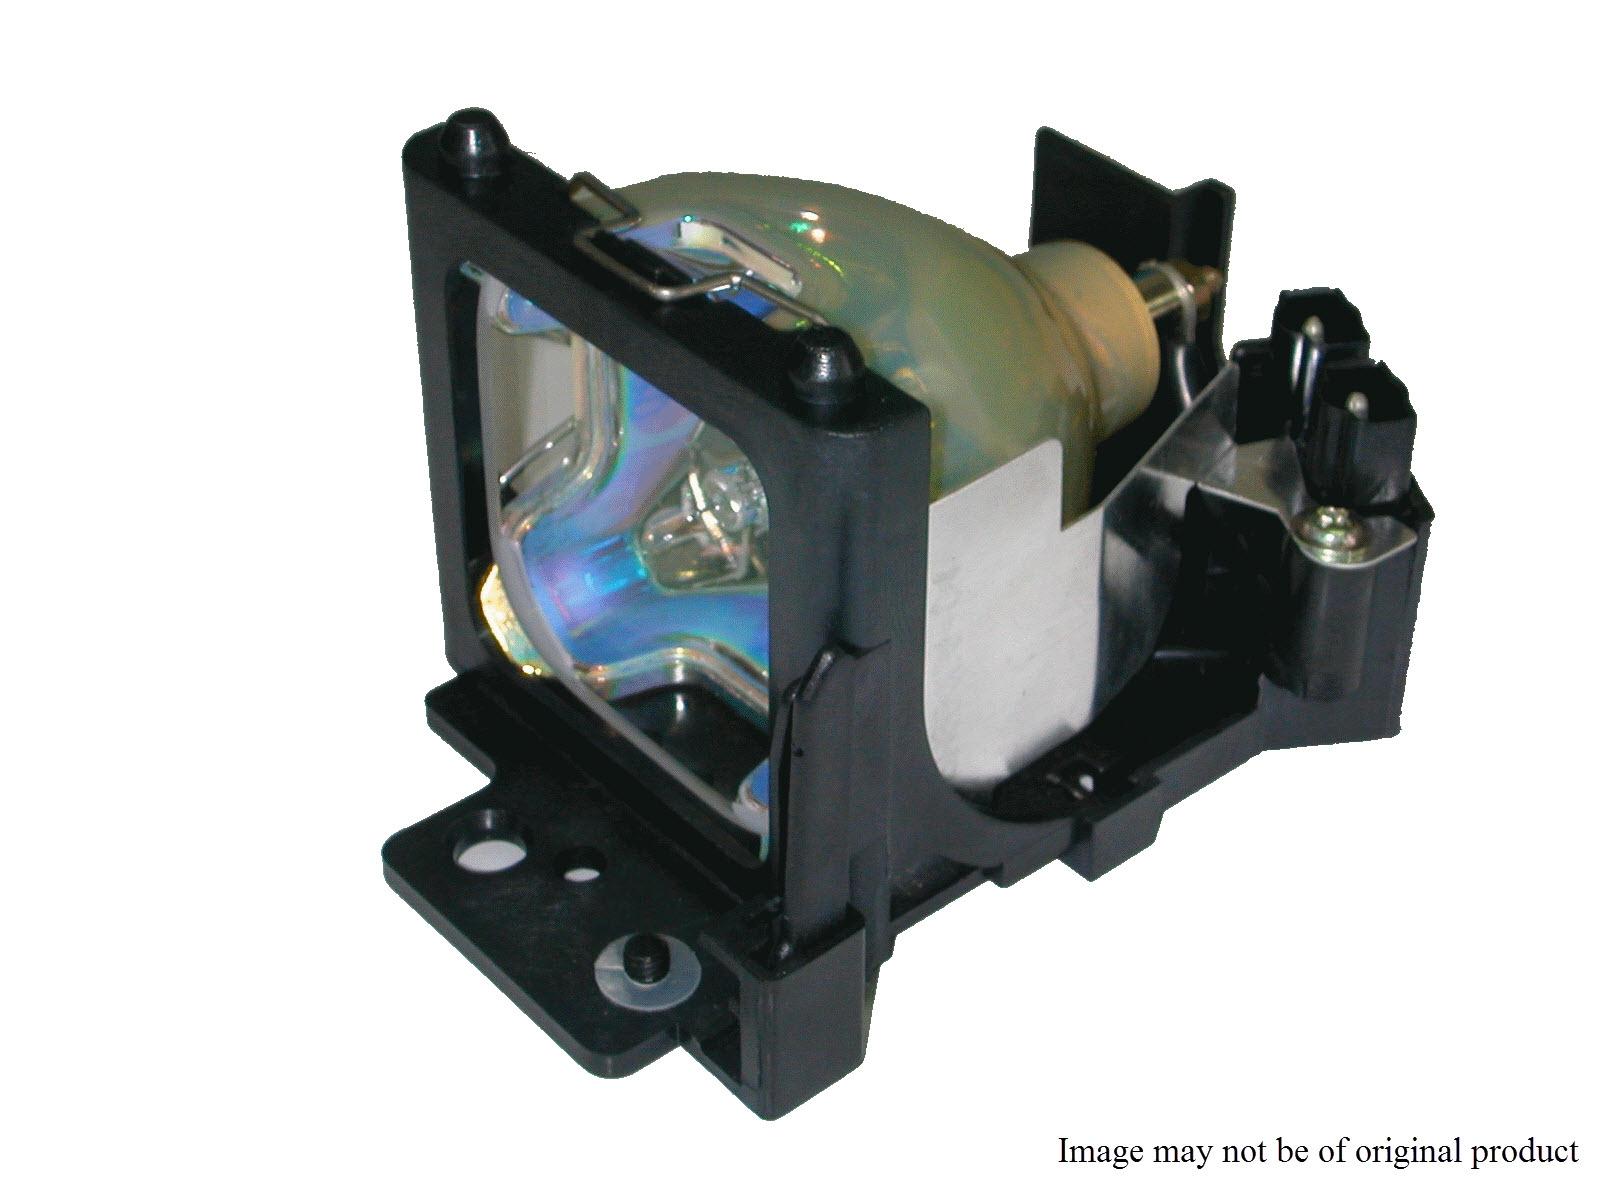 V7 VPL2372-1E 275W projection lamp